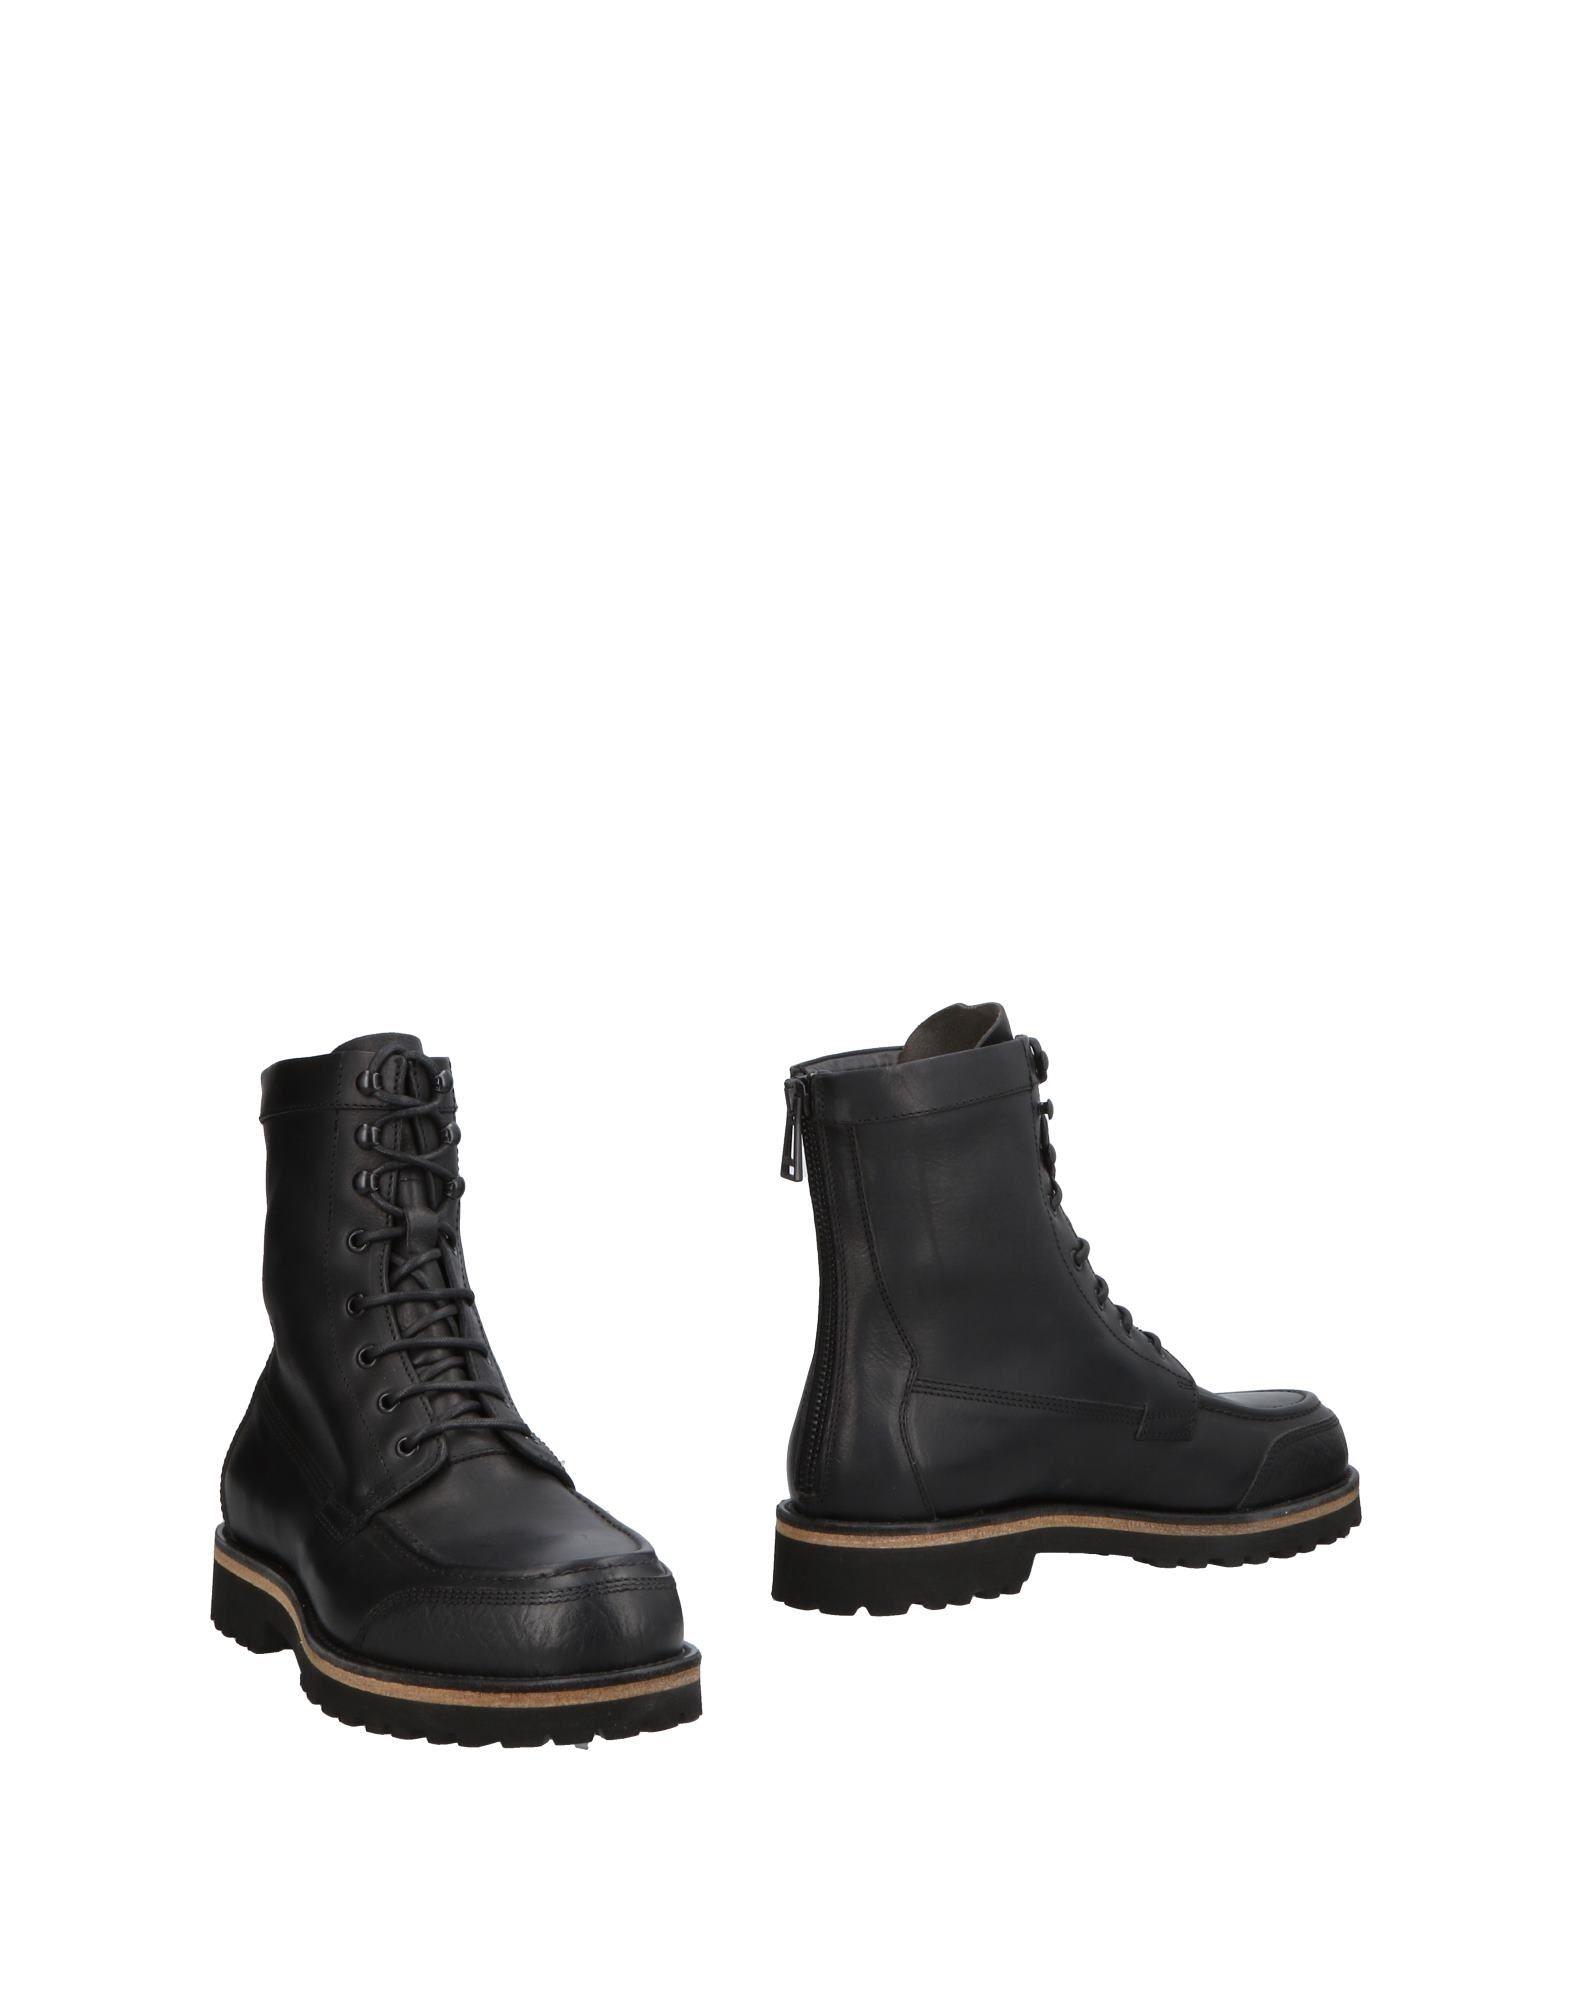 Belstaff Stiefelette Herren  11503194FW Gute Qualität beliebte Schuhe